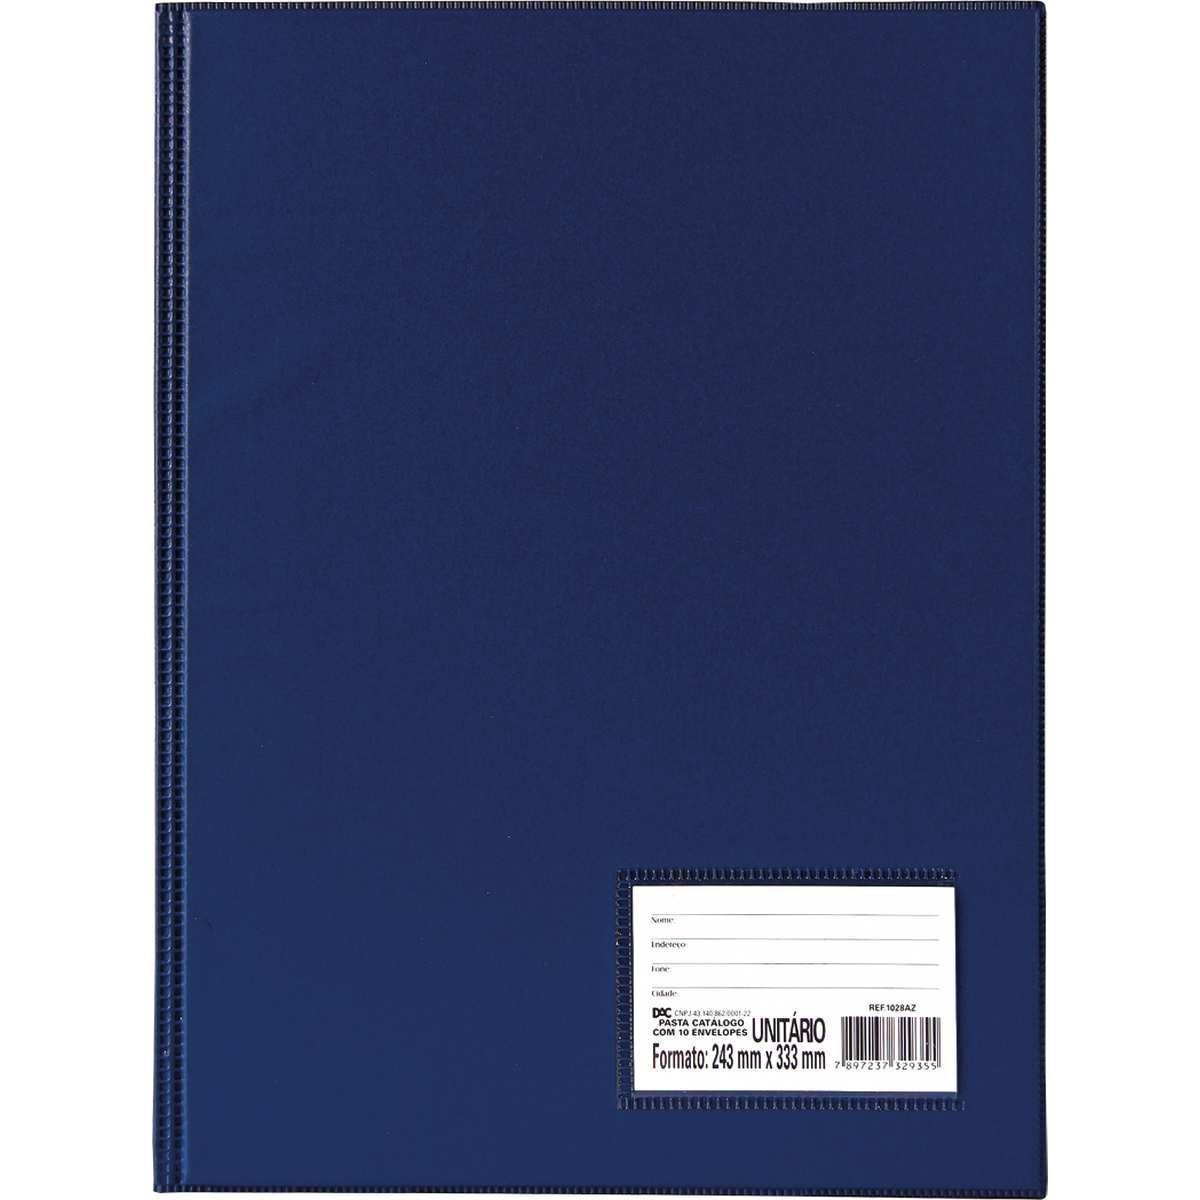 Pasta Catalogo - Oficio c/10 Env. Finos Azul Cx.c/08 - Dac